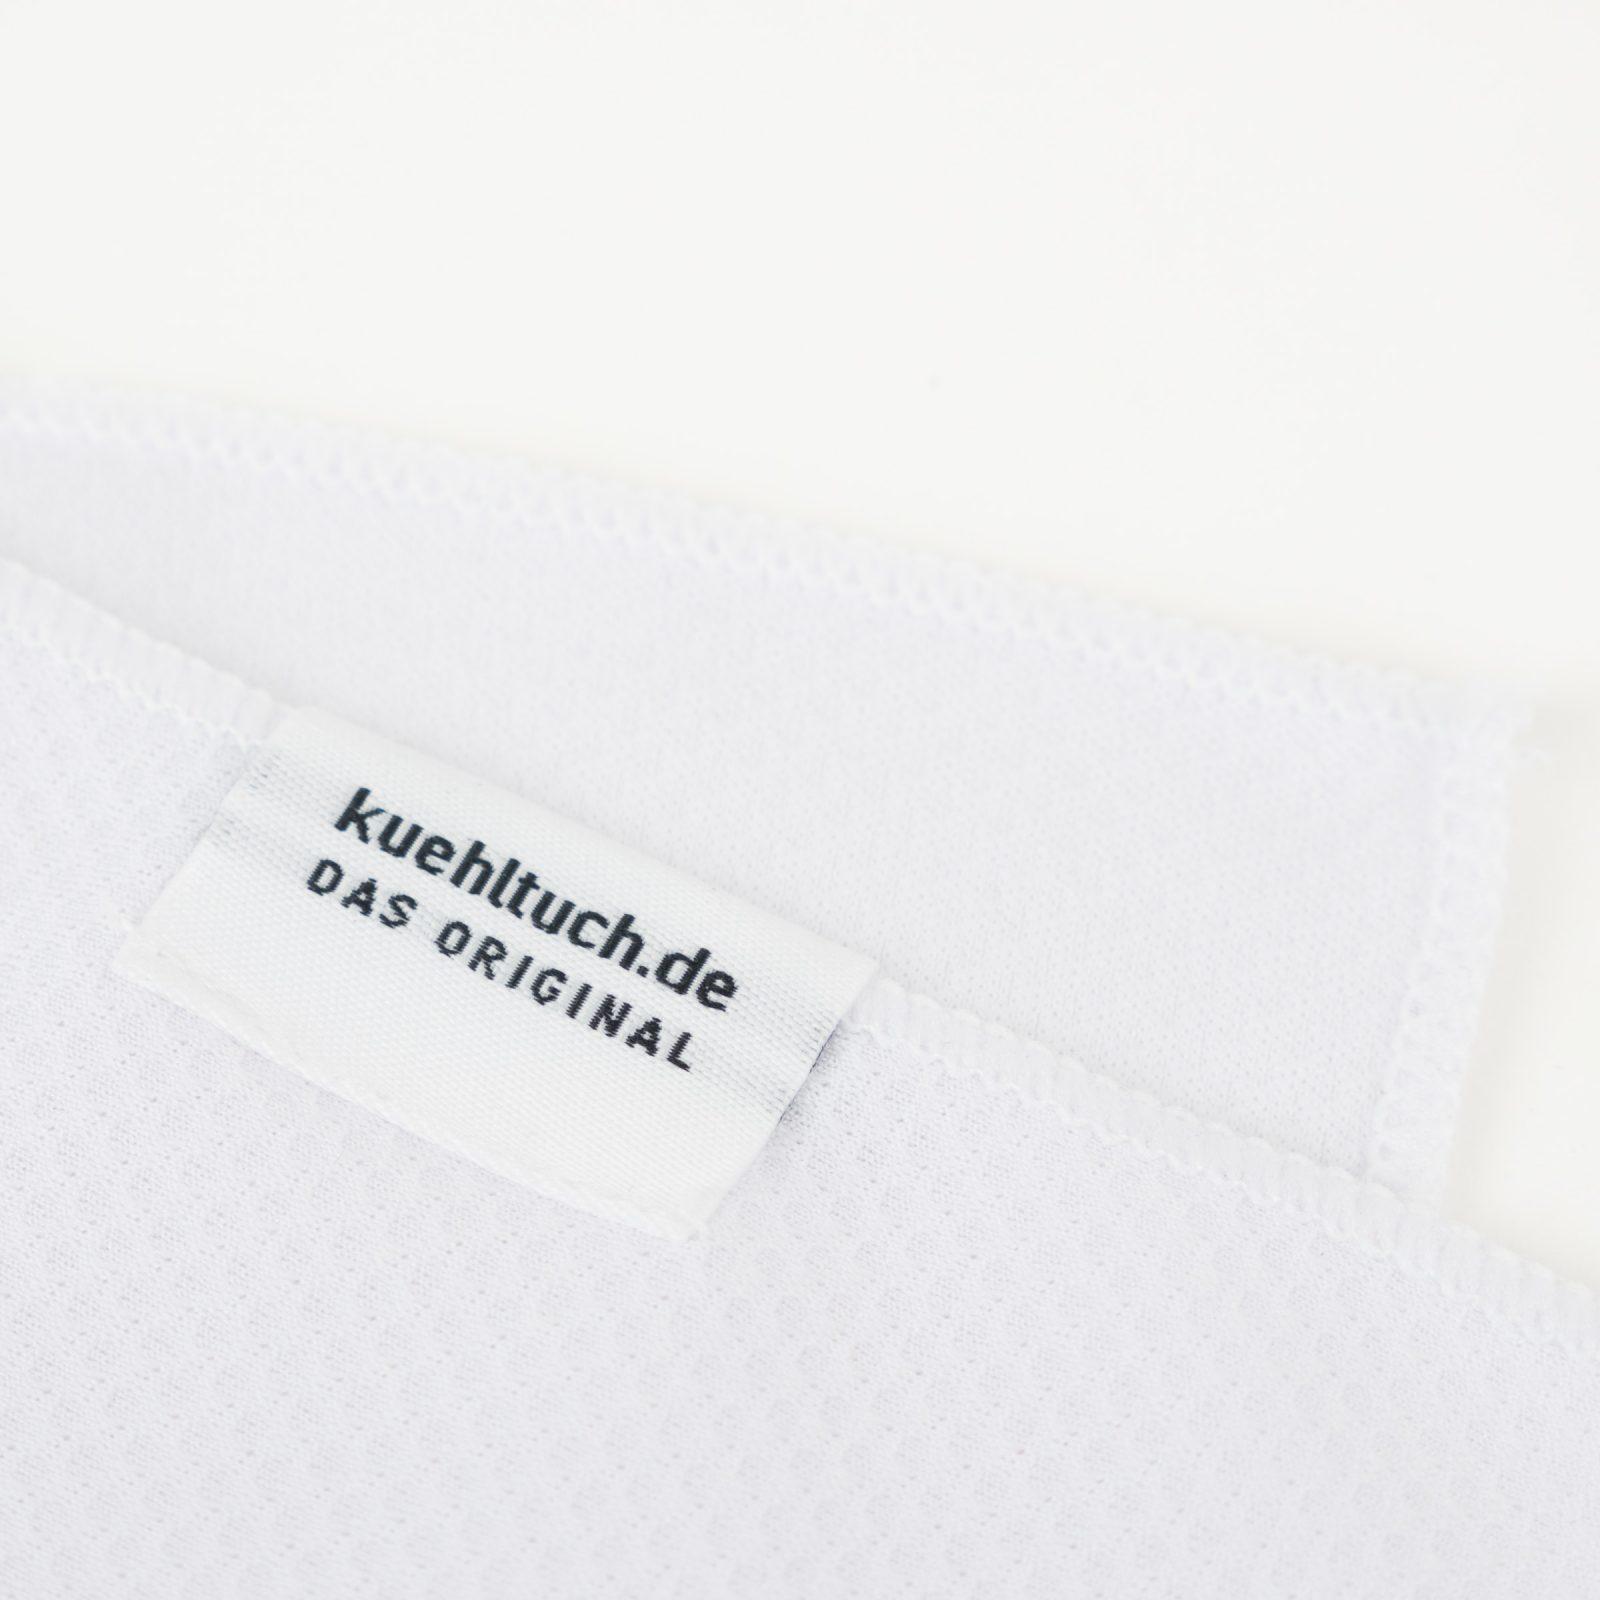 Kuehltuch weiß Label